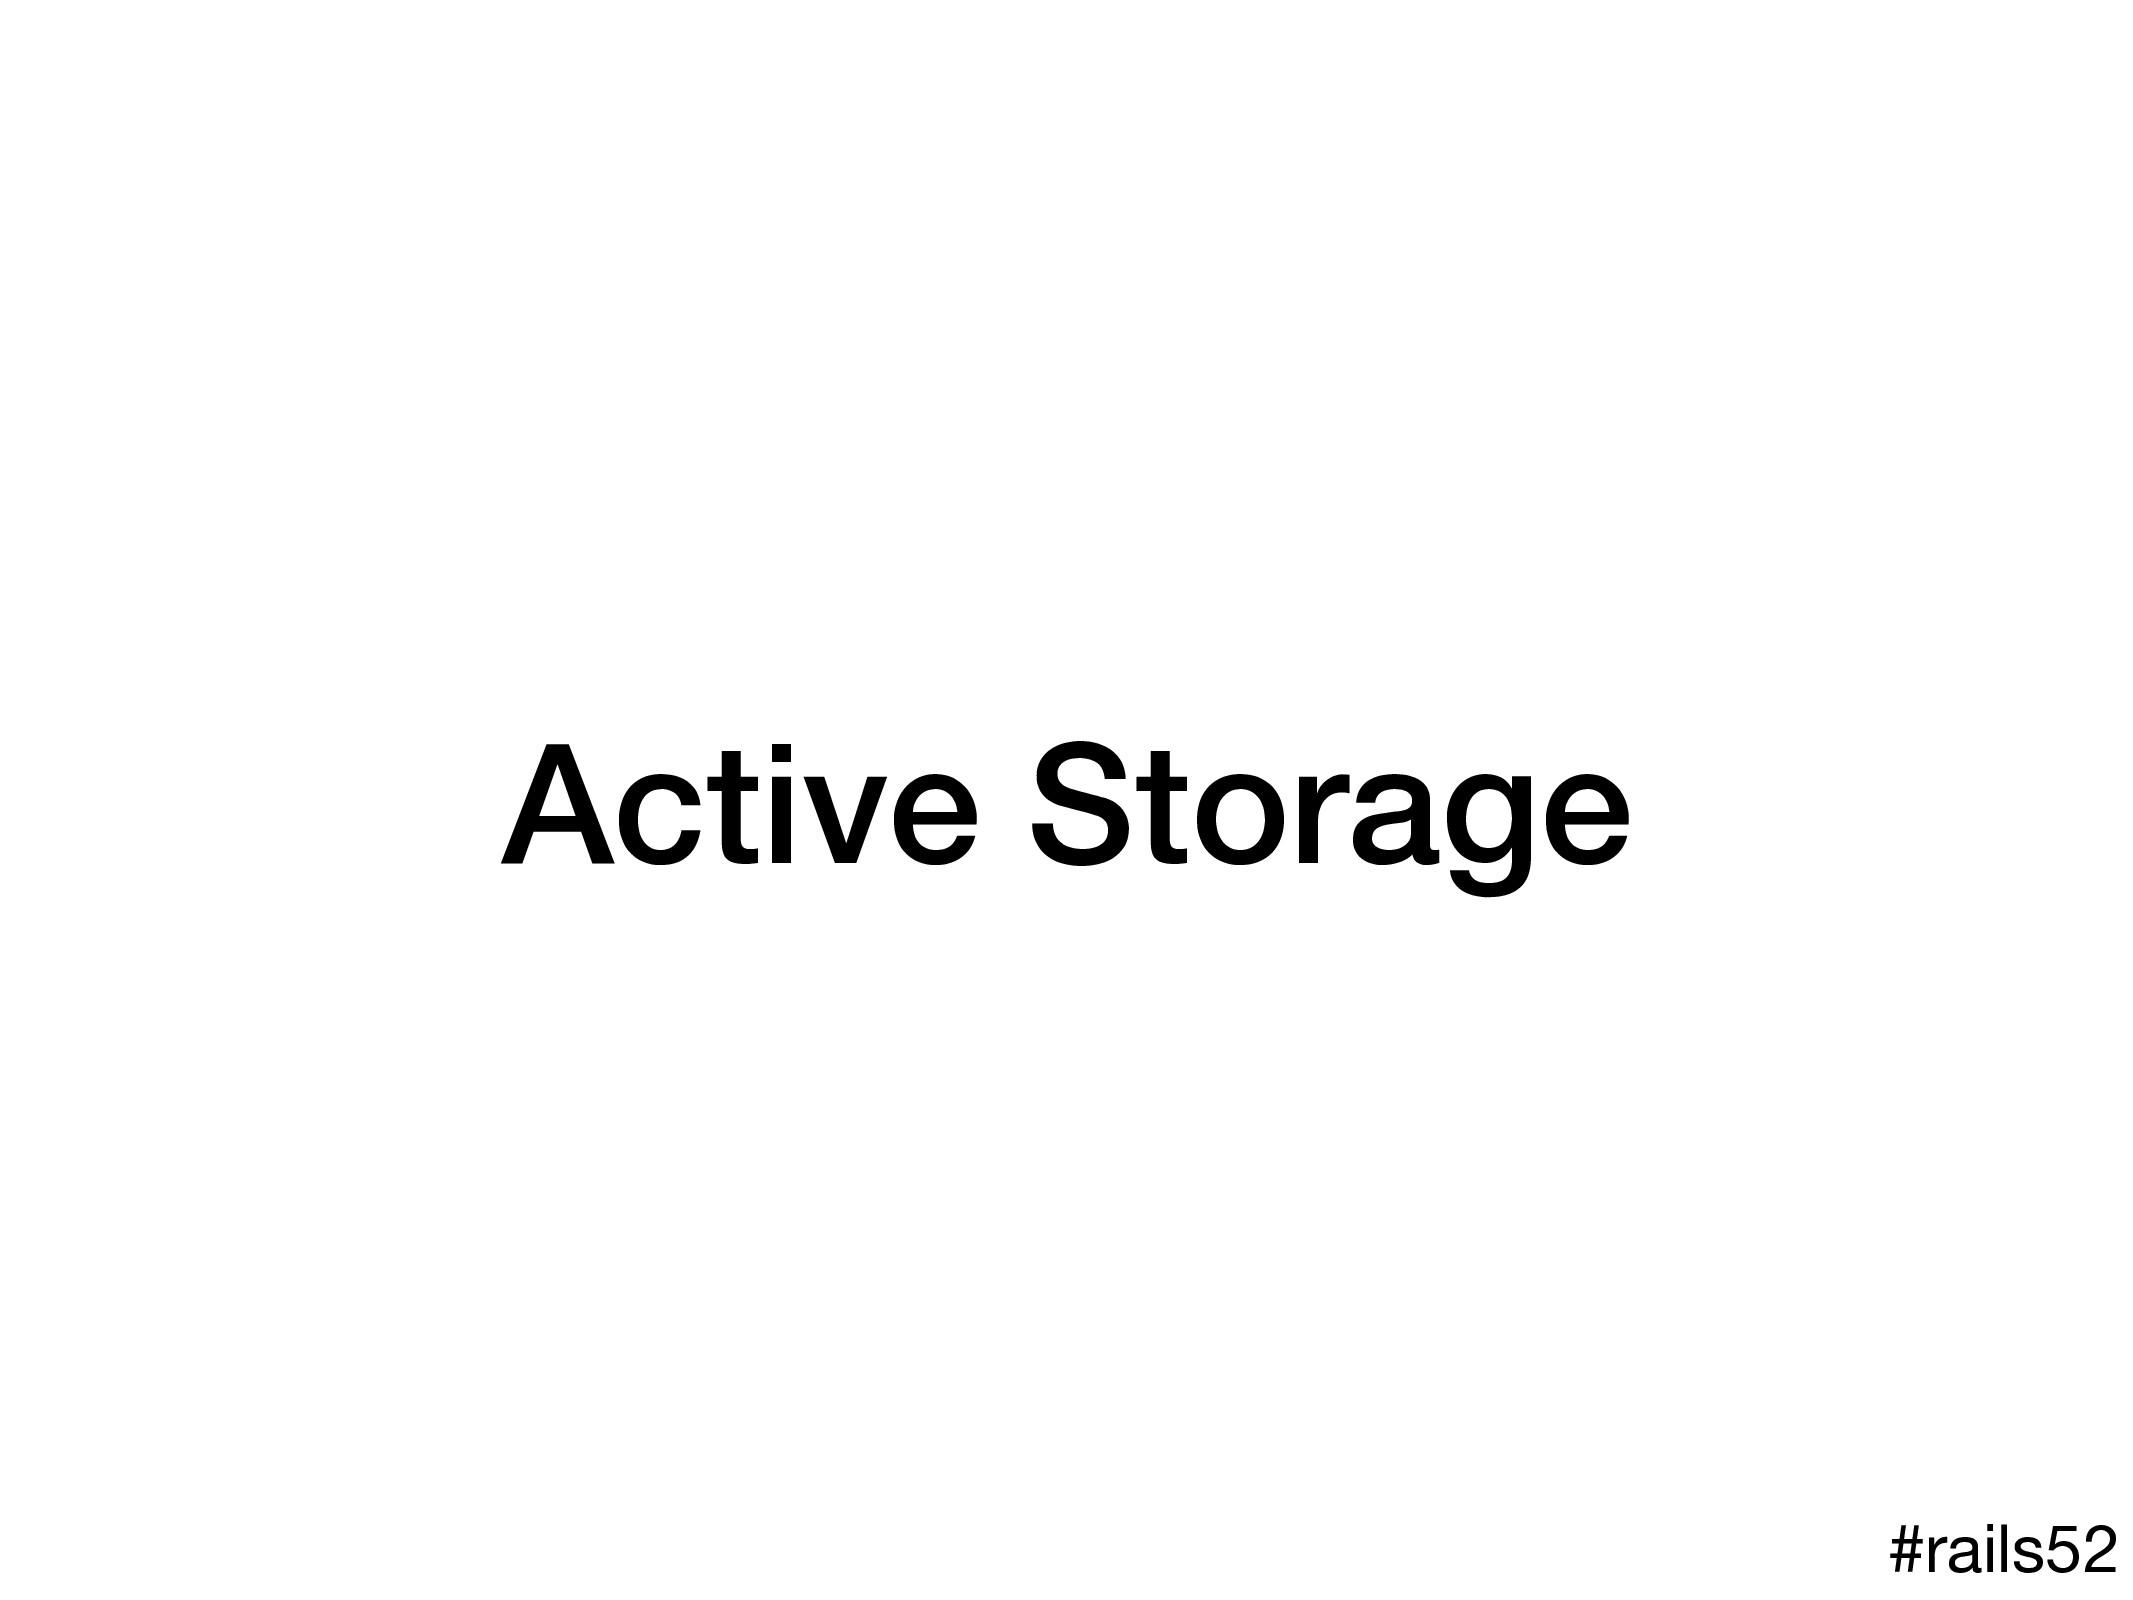 Active Storage #rails52